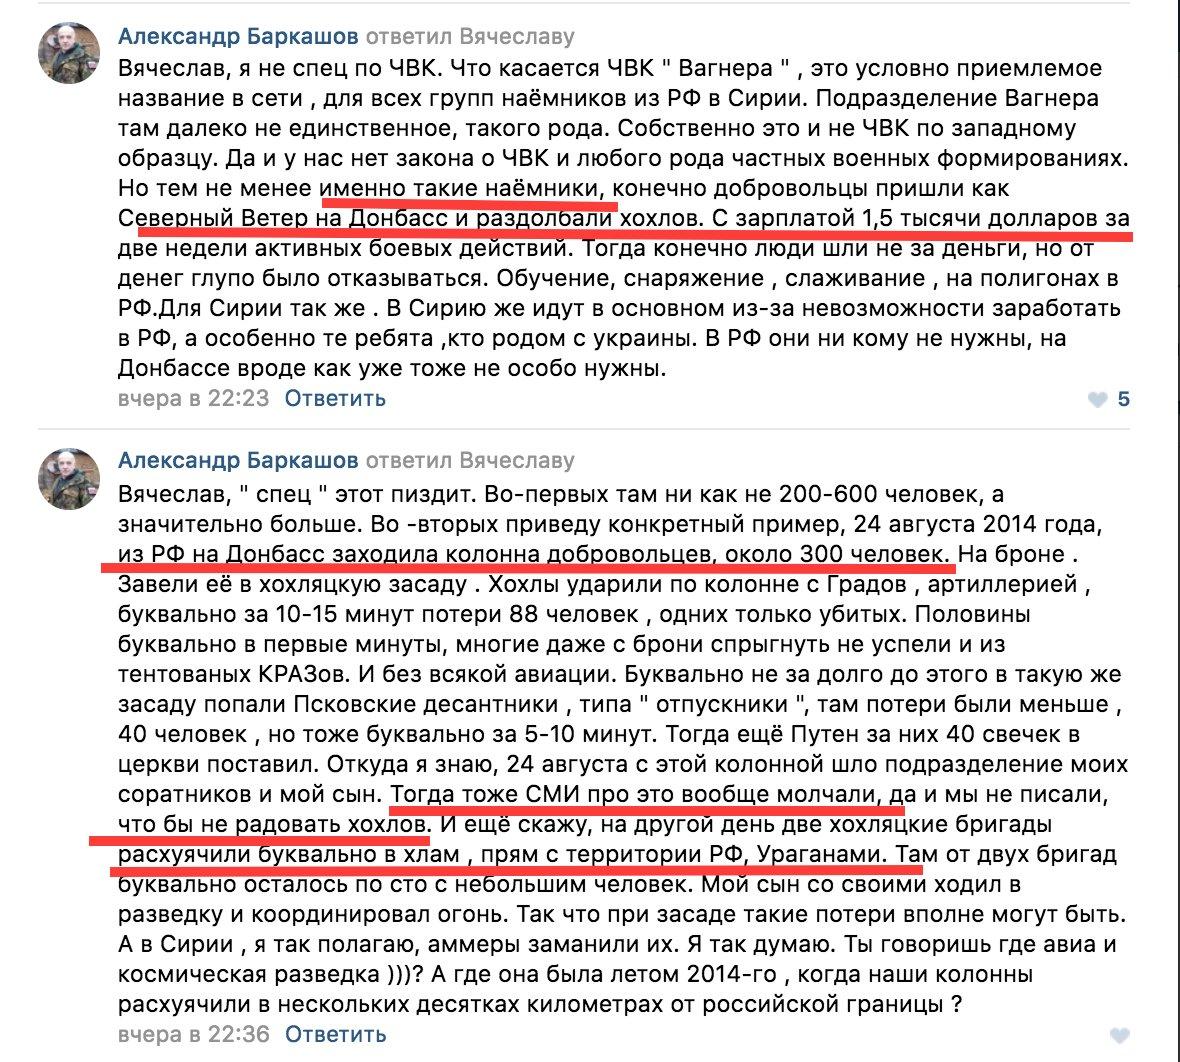 Путін мало не потрапив у авіакатастрофу в Сочі в 2014-му, говорив про замах, - Пономарьов на допиті в Оболонському суді - Цензор.НЕТ 8936